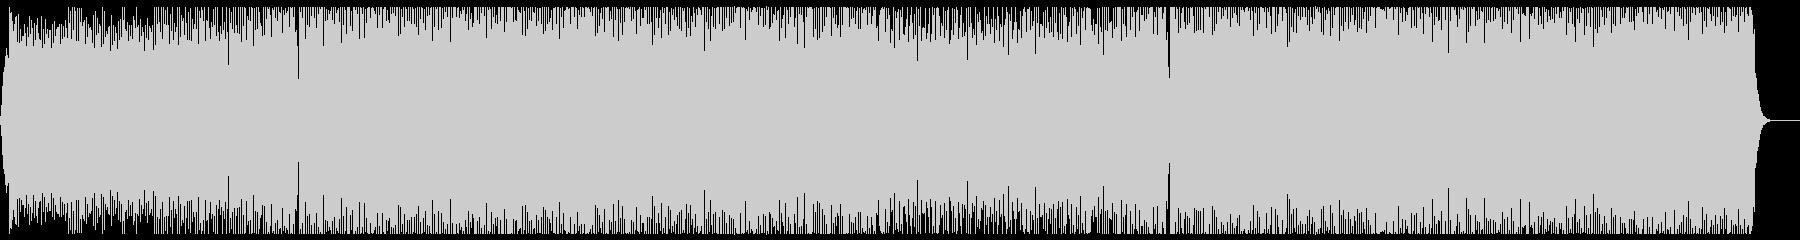 モチベーションの出るパワフルなEDM歌無の未再生の波形